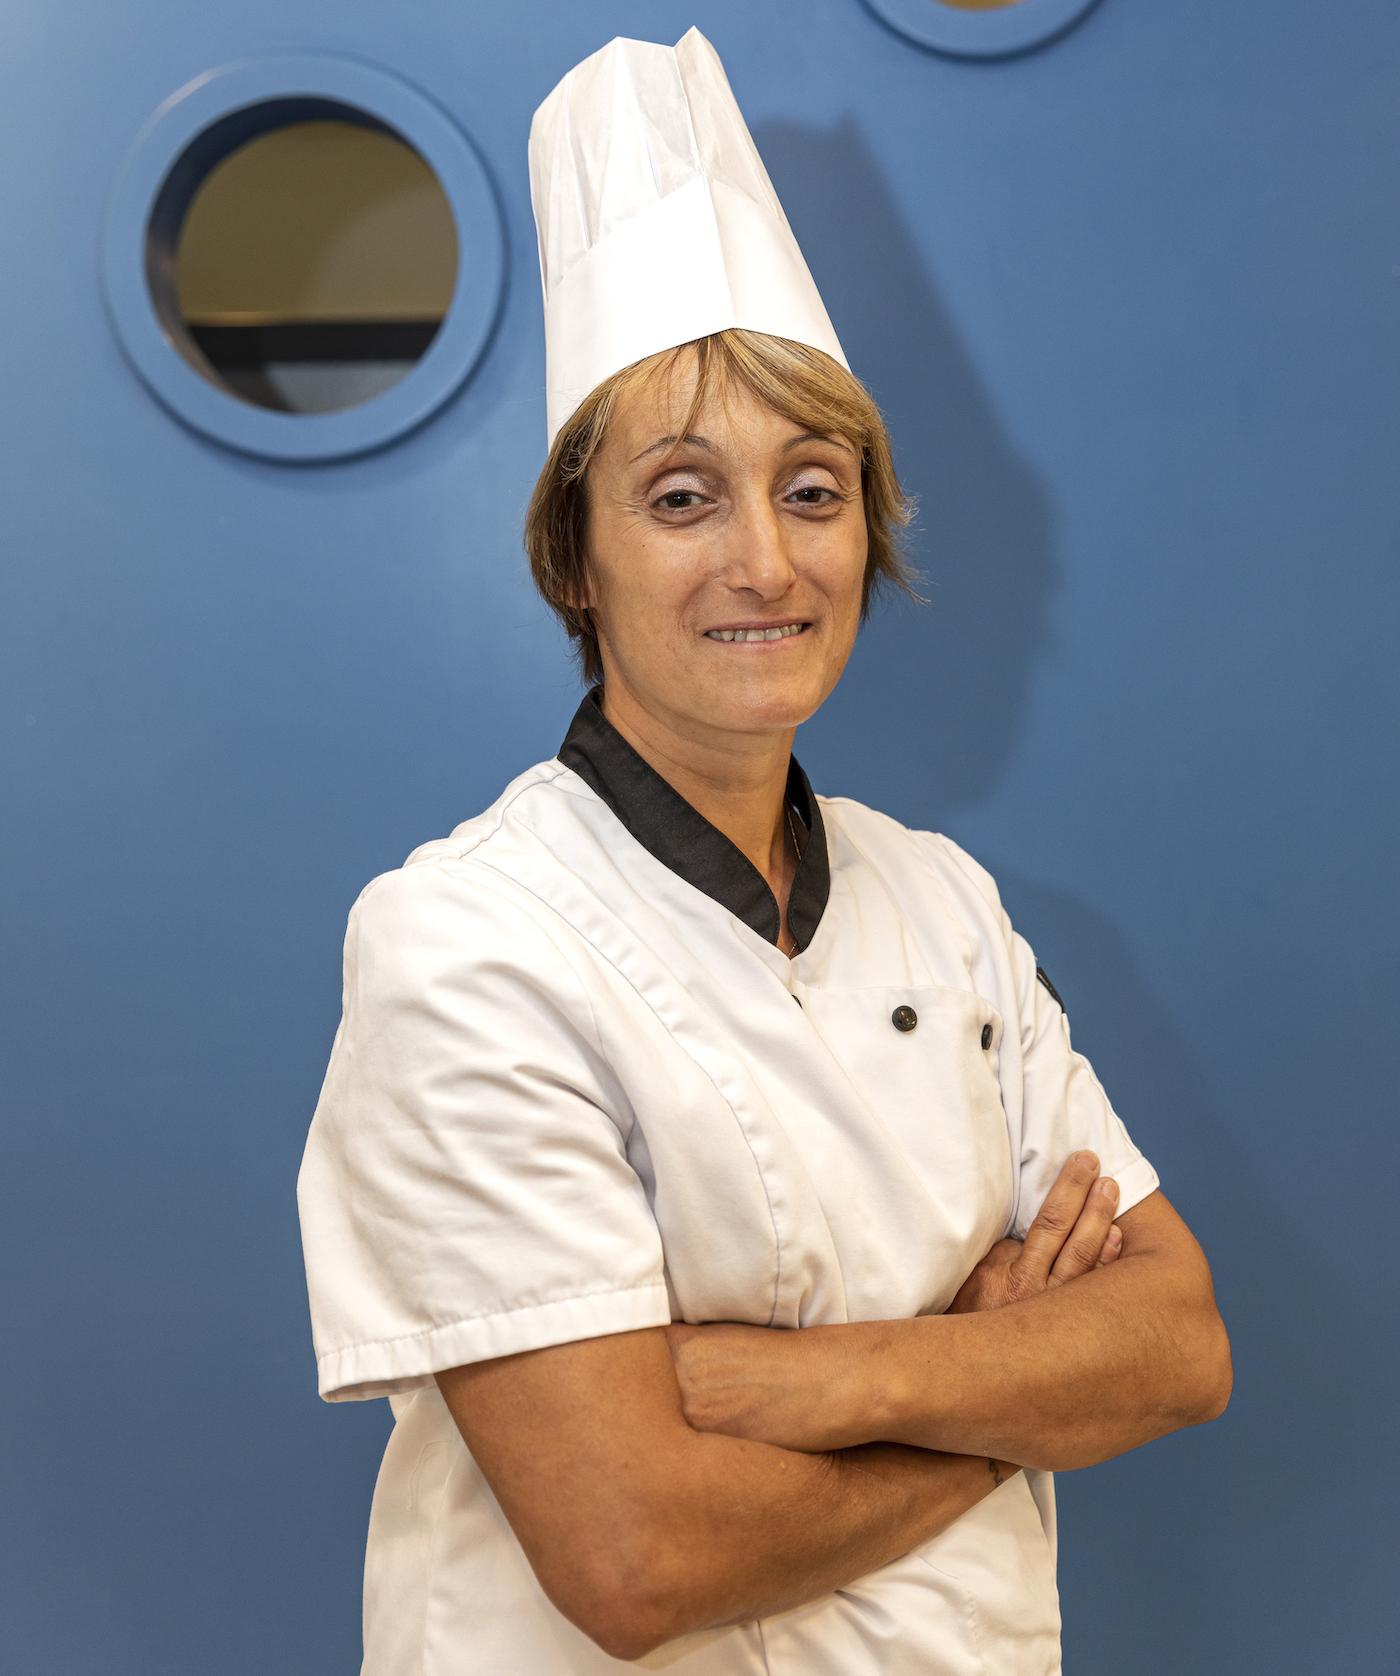 La cuisinière pose pour le photographe.